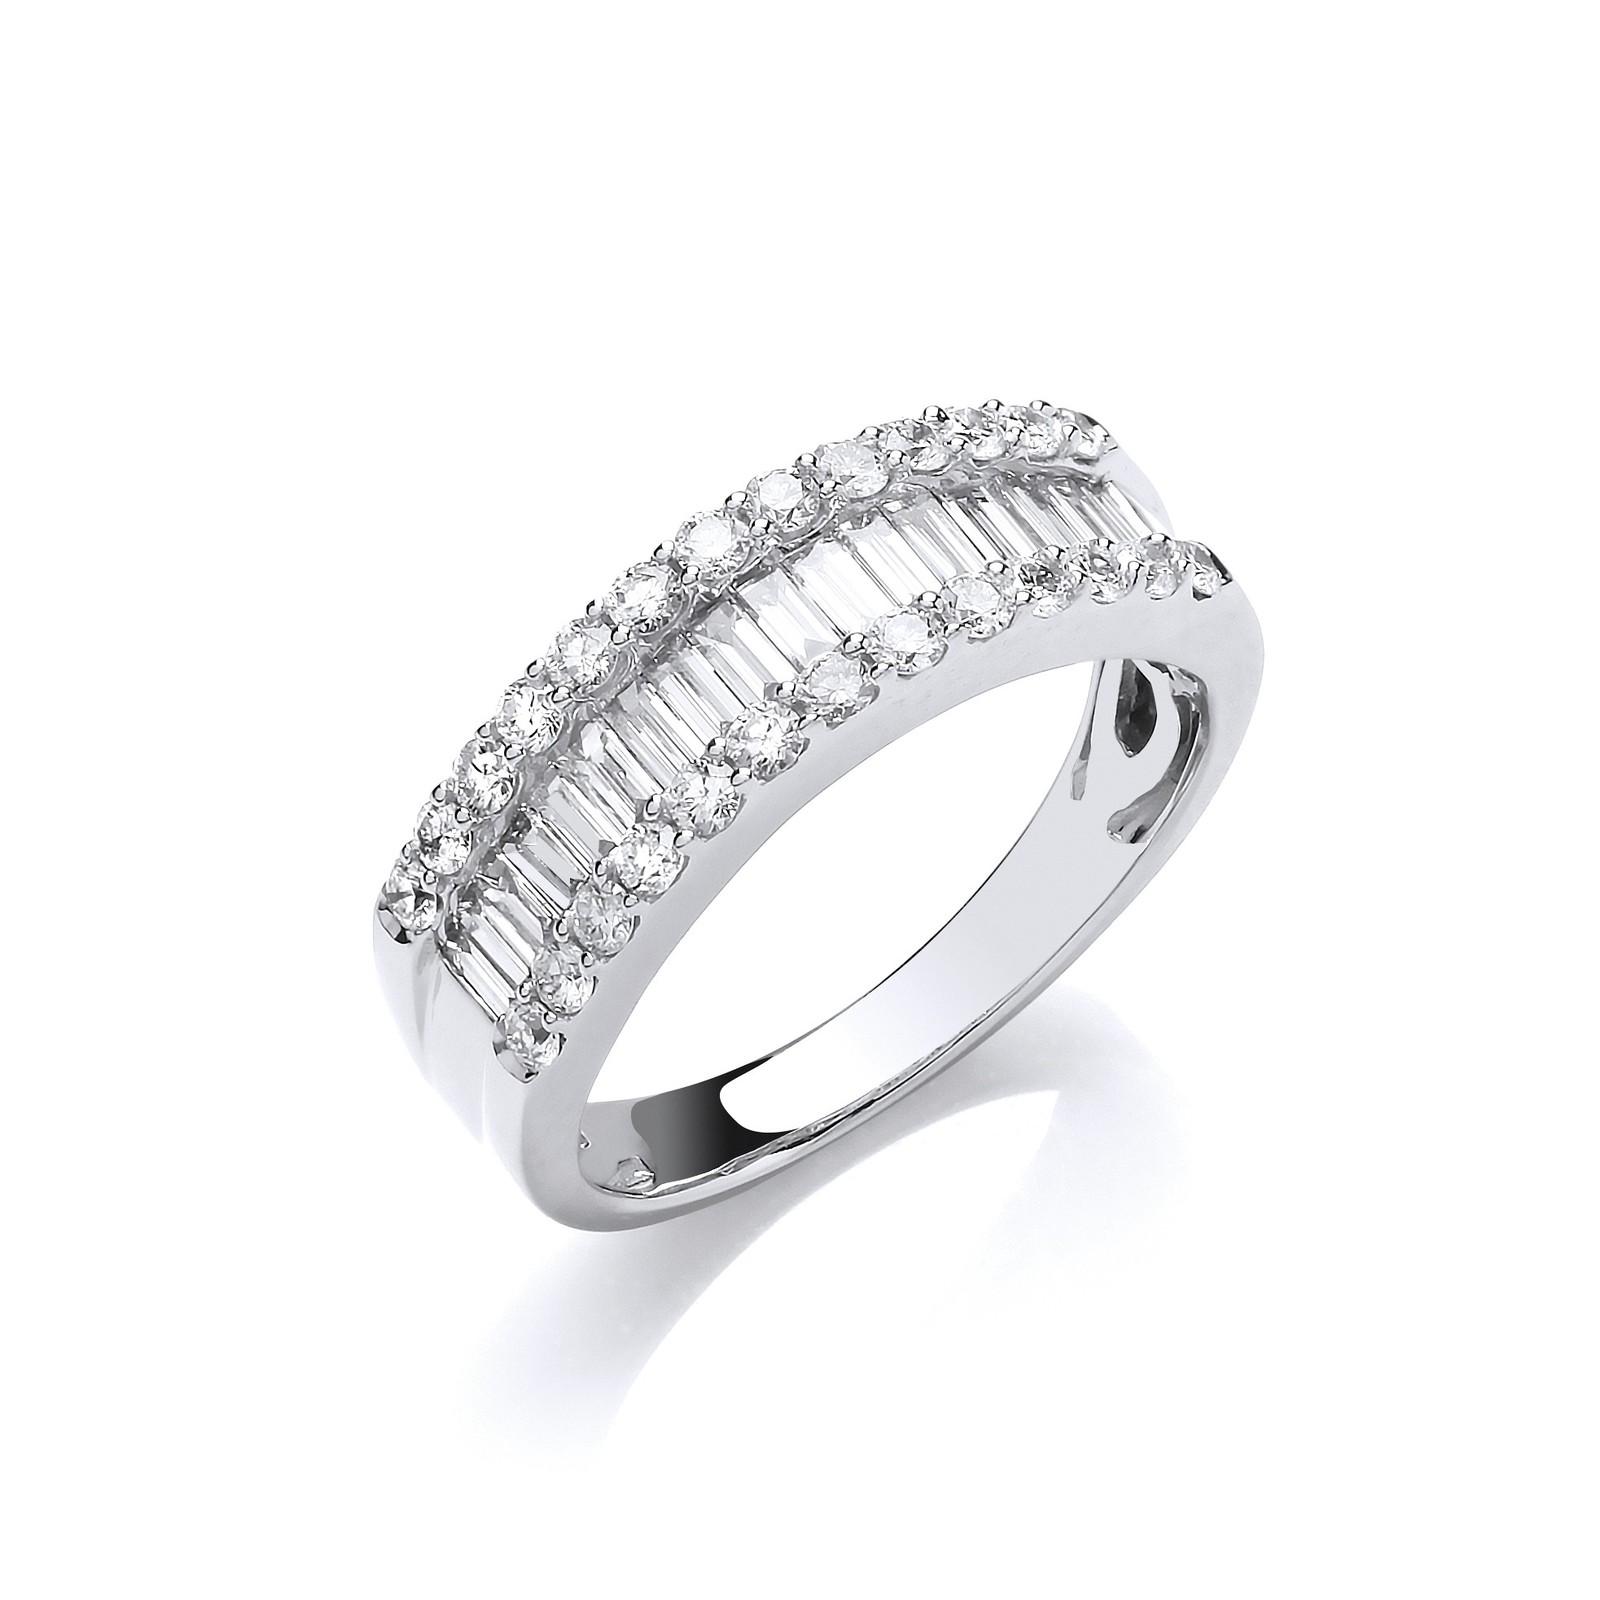 18ct White Gold 1.00ct Baguette & Brilliant Cut Diamond ET Ring